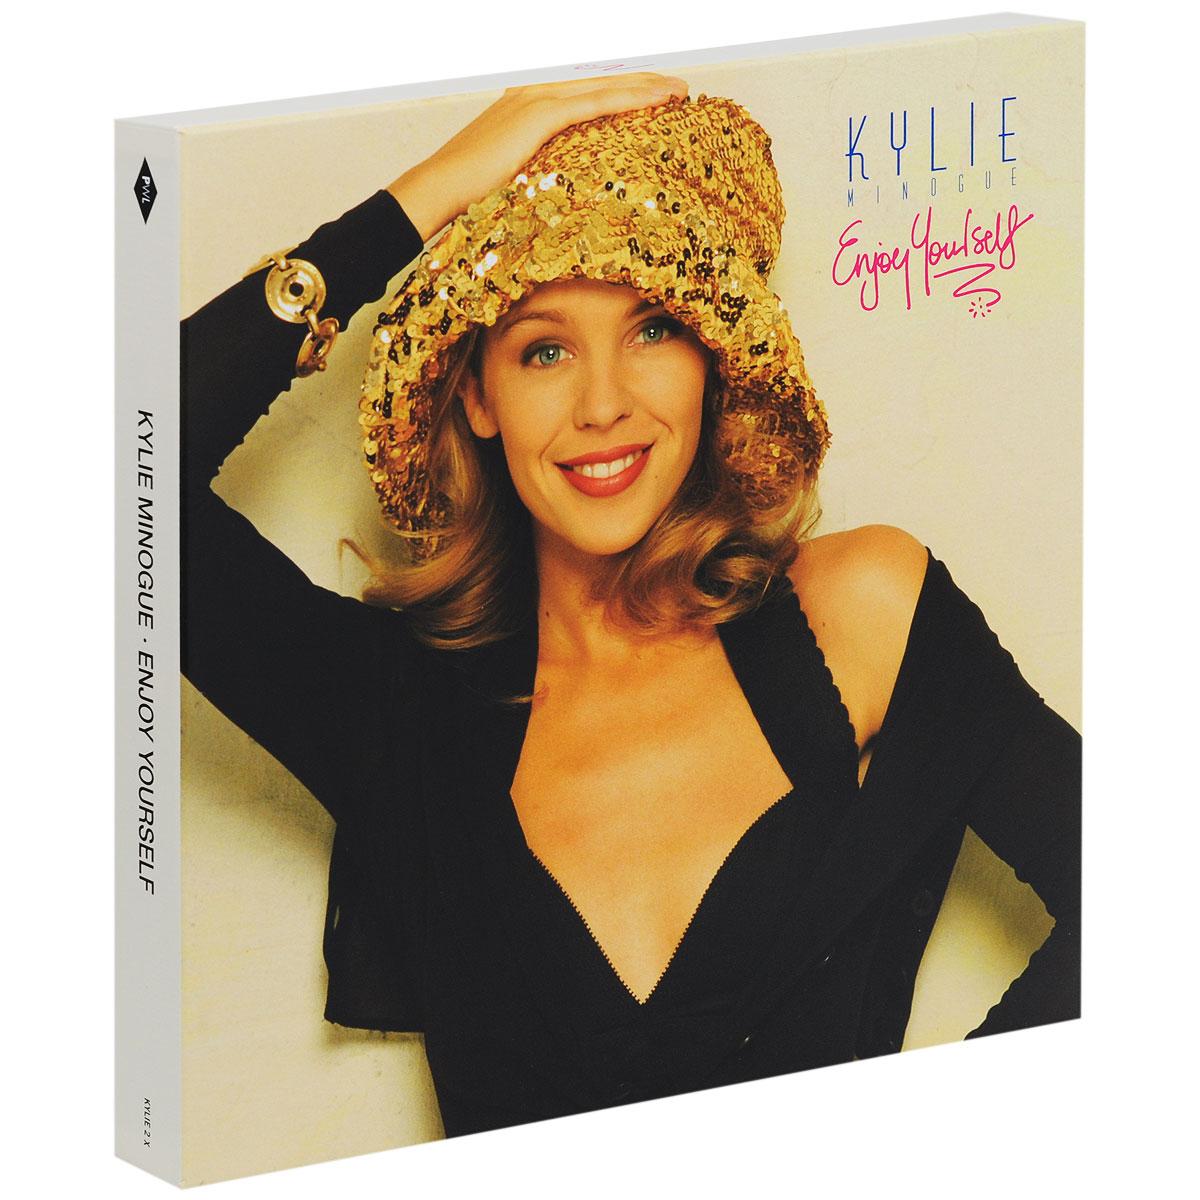 Кайли Миноуг Kylie Minogue. Enjoy Yourself (2 CD + DVD + LP)